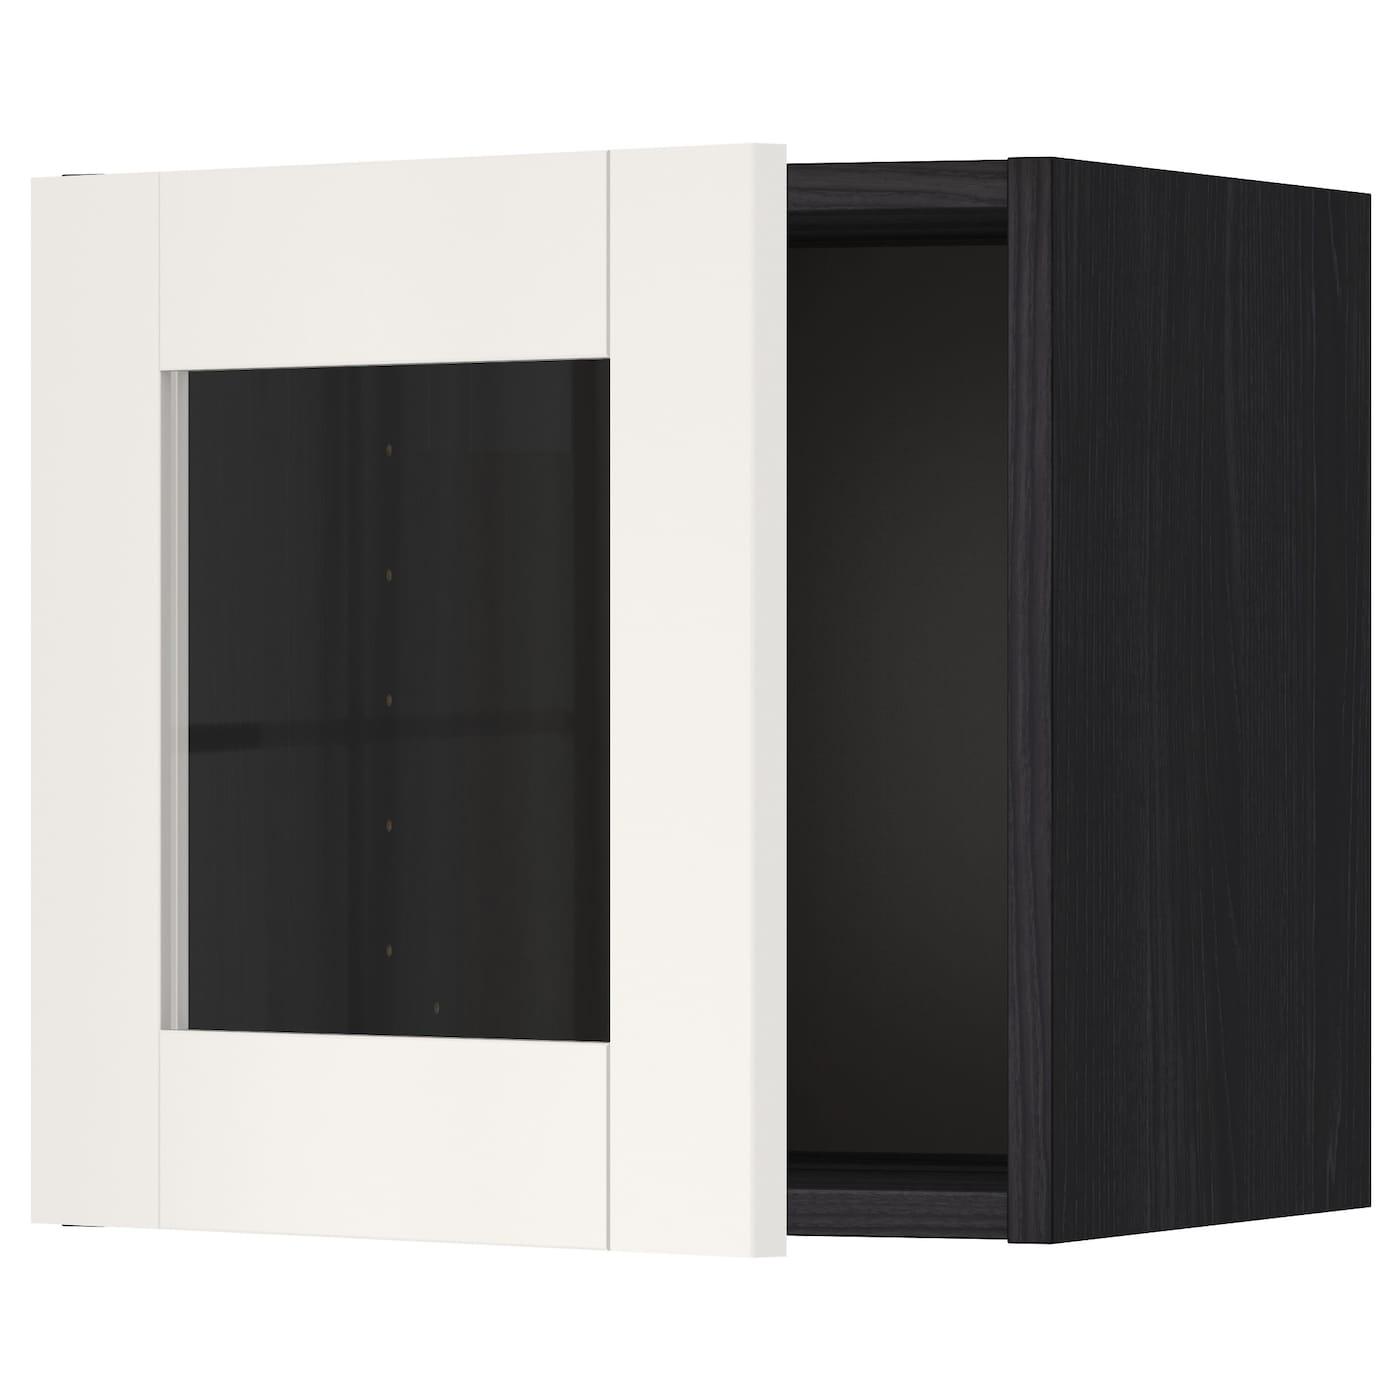 Metod l ment mural porte vitr e noir s vedal blanc 40x40 for Meuble 40x40